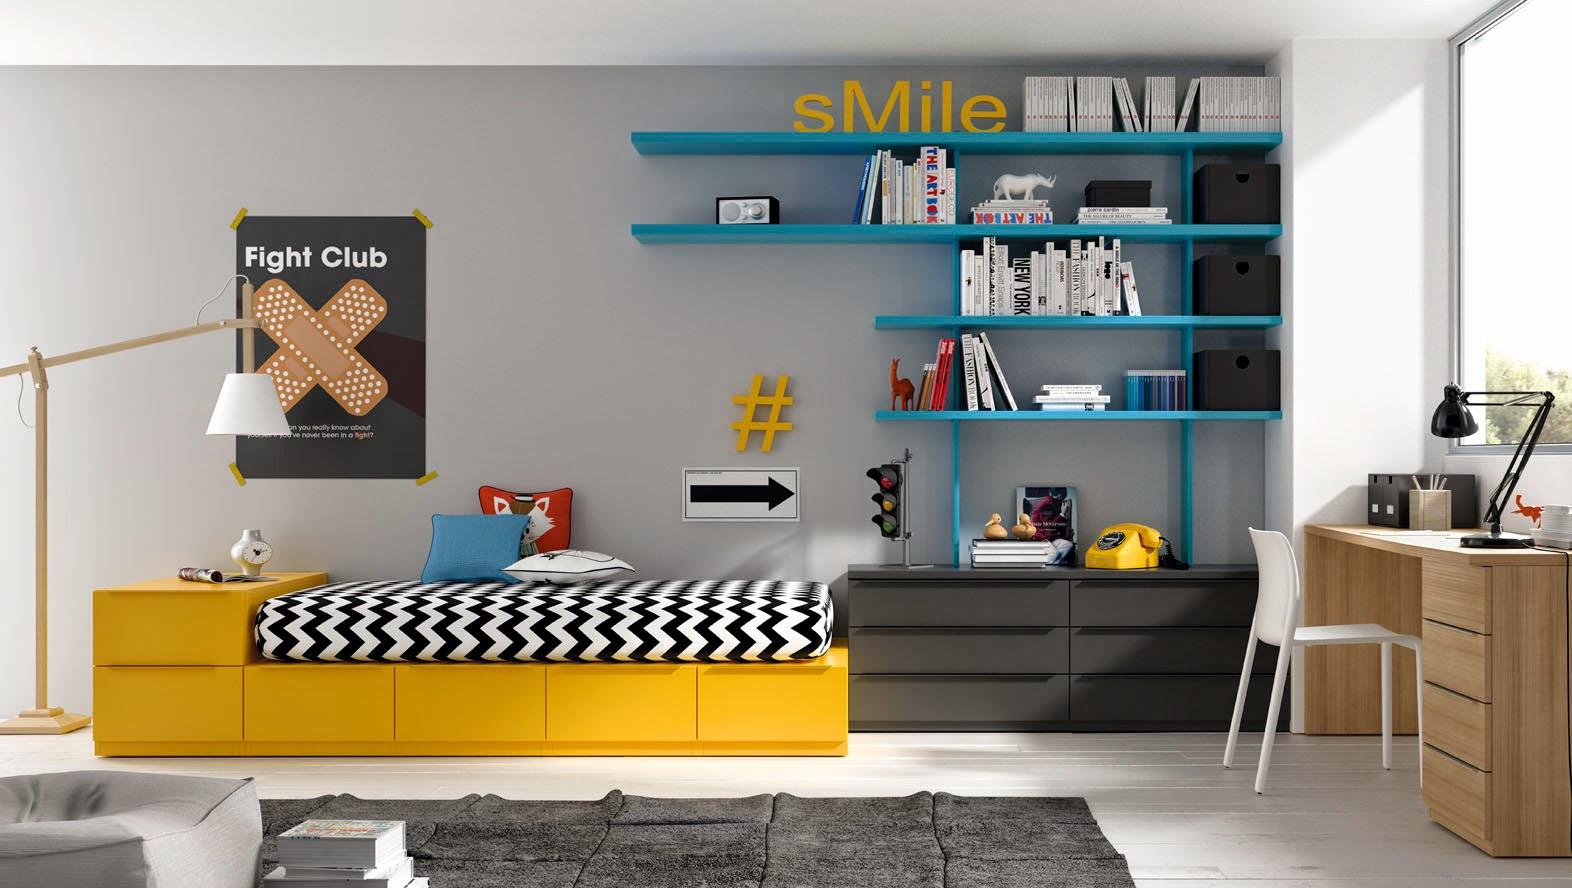 Dormitorio con cama amarilla,cajones grises y estanteria turquesa